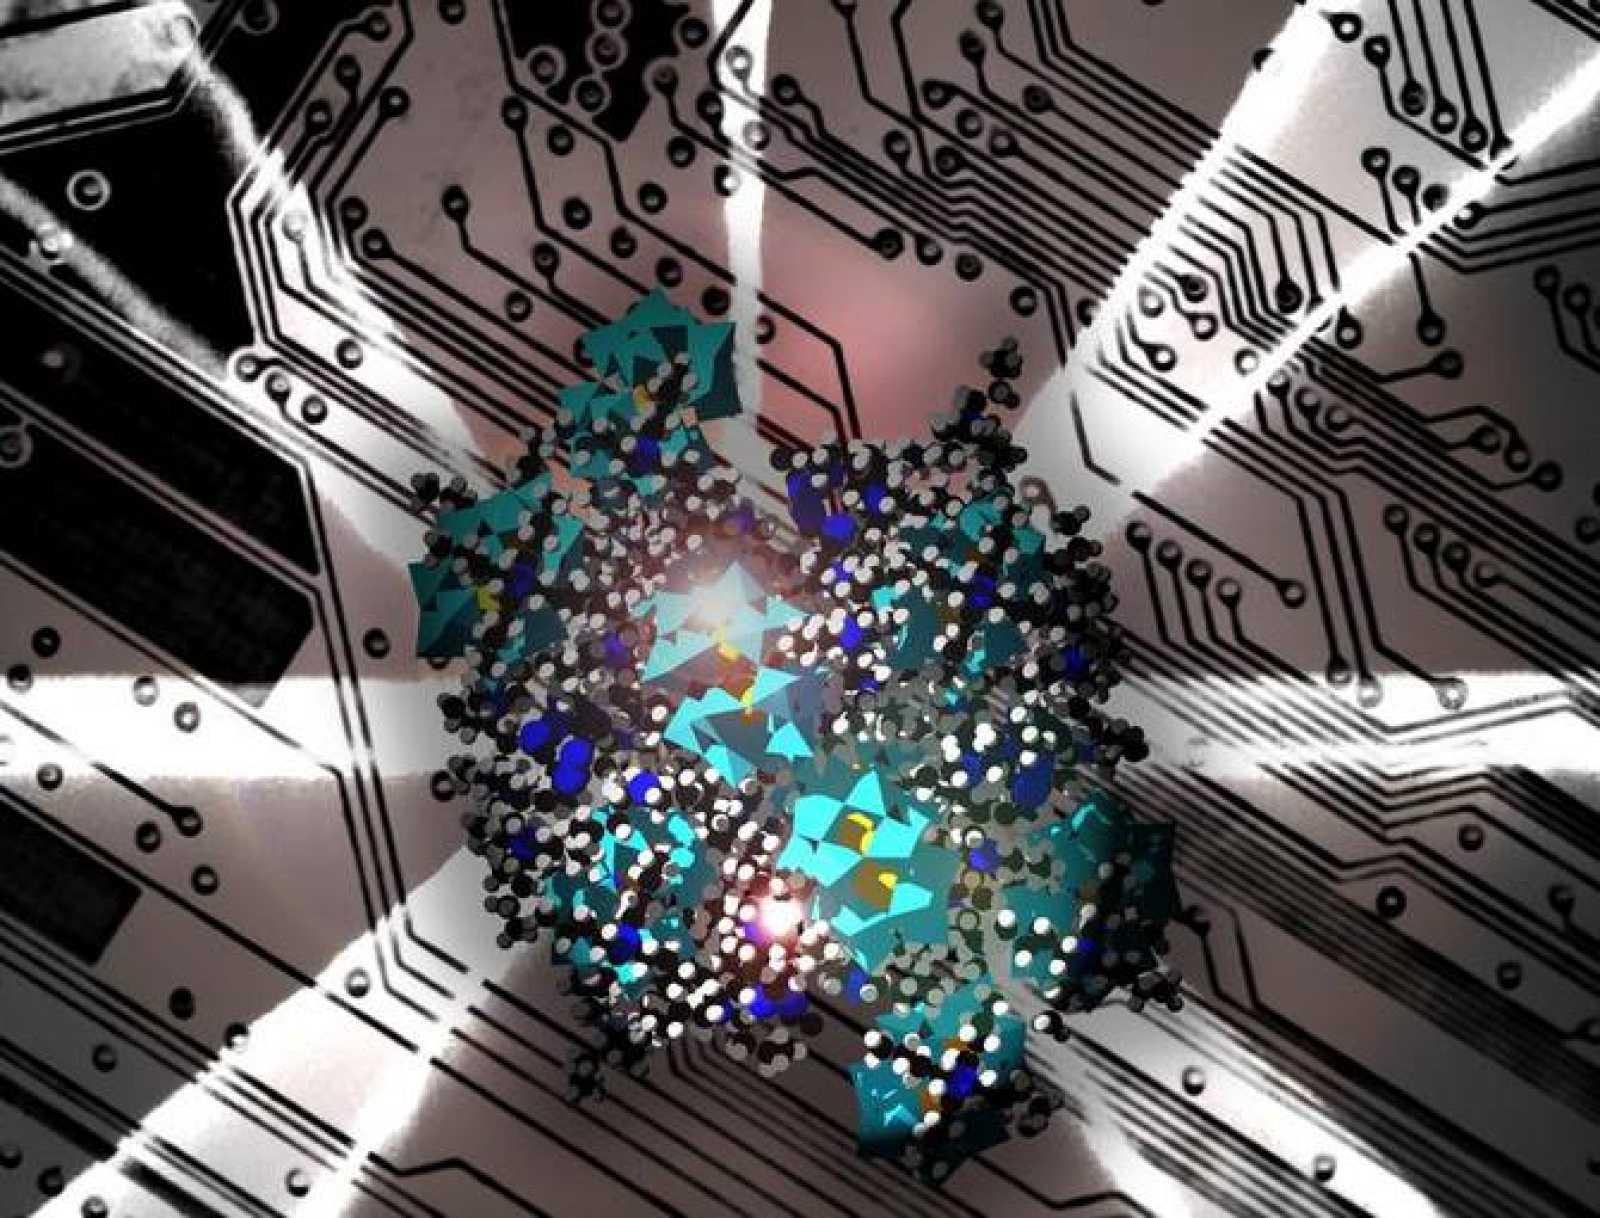 Grupos de polioxometalato a escala nanométrica.